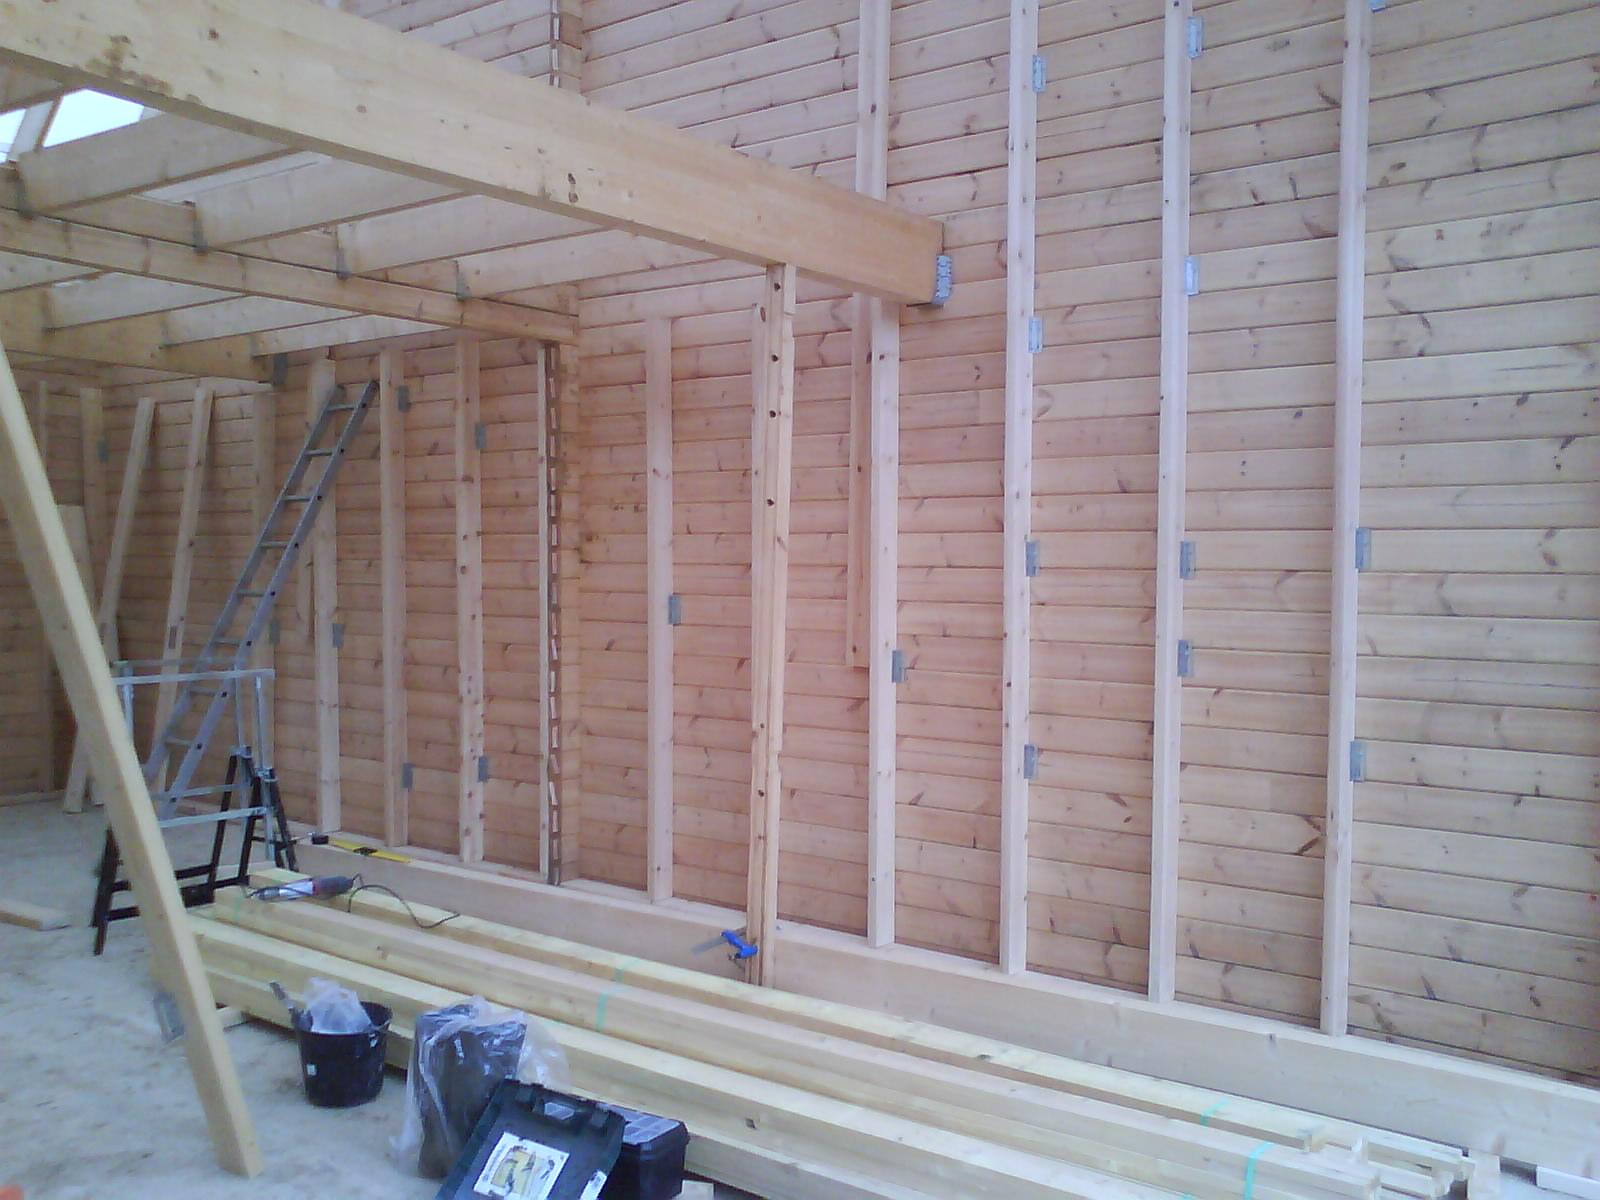 Auto construction d 39 une maison en bois massif page 21 maison bricolage cologie bioclimatisme for Construction bois 21